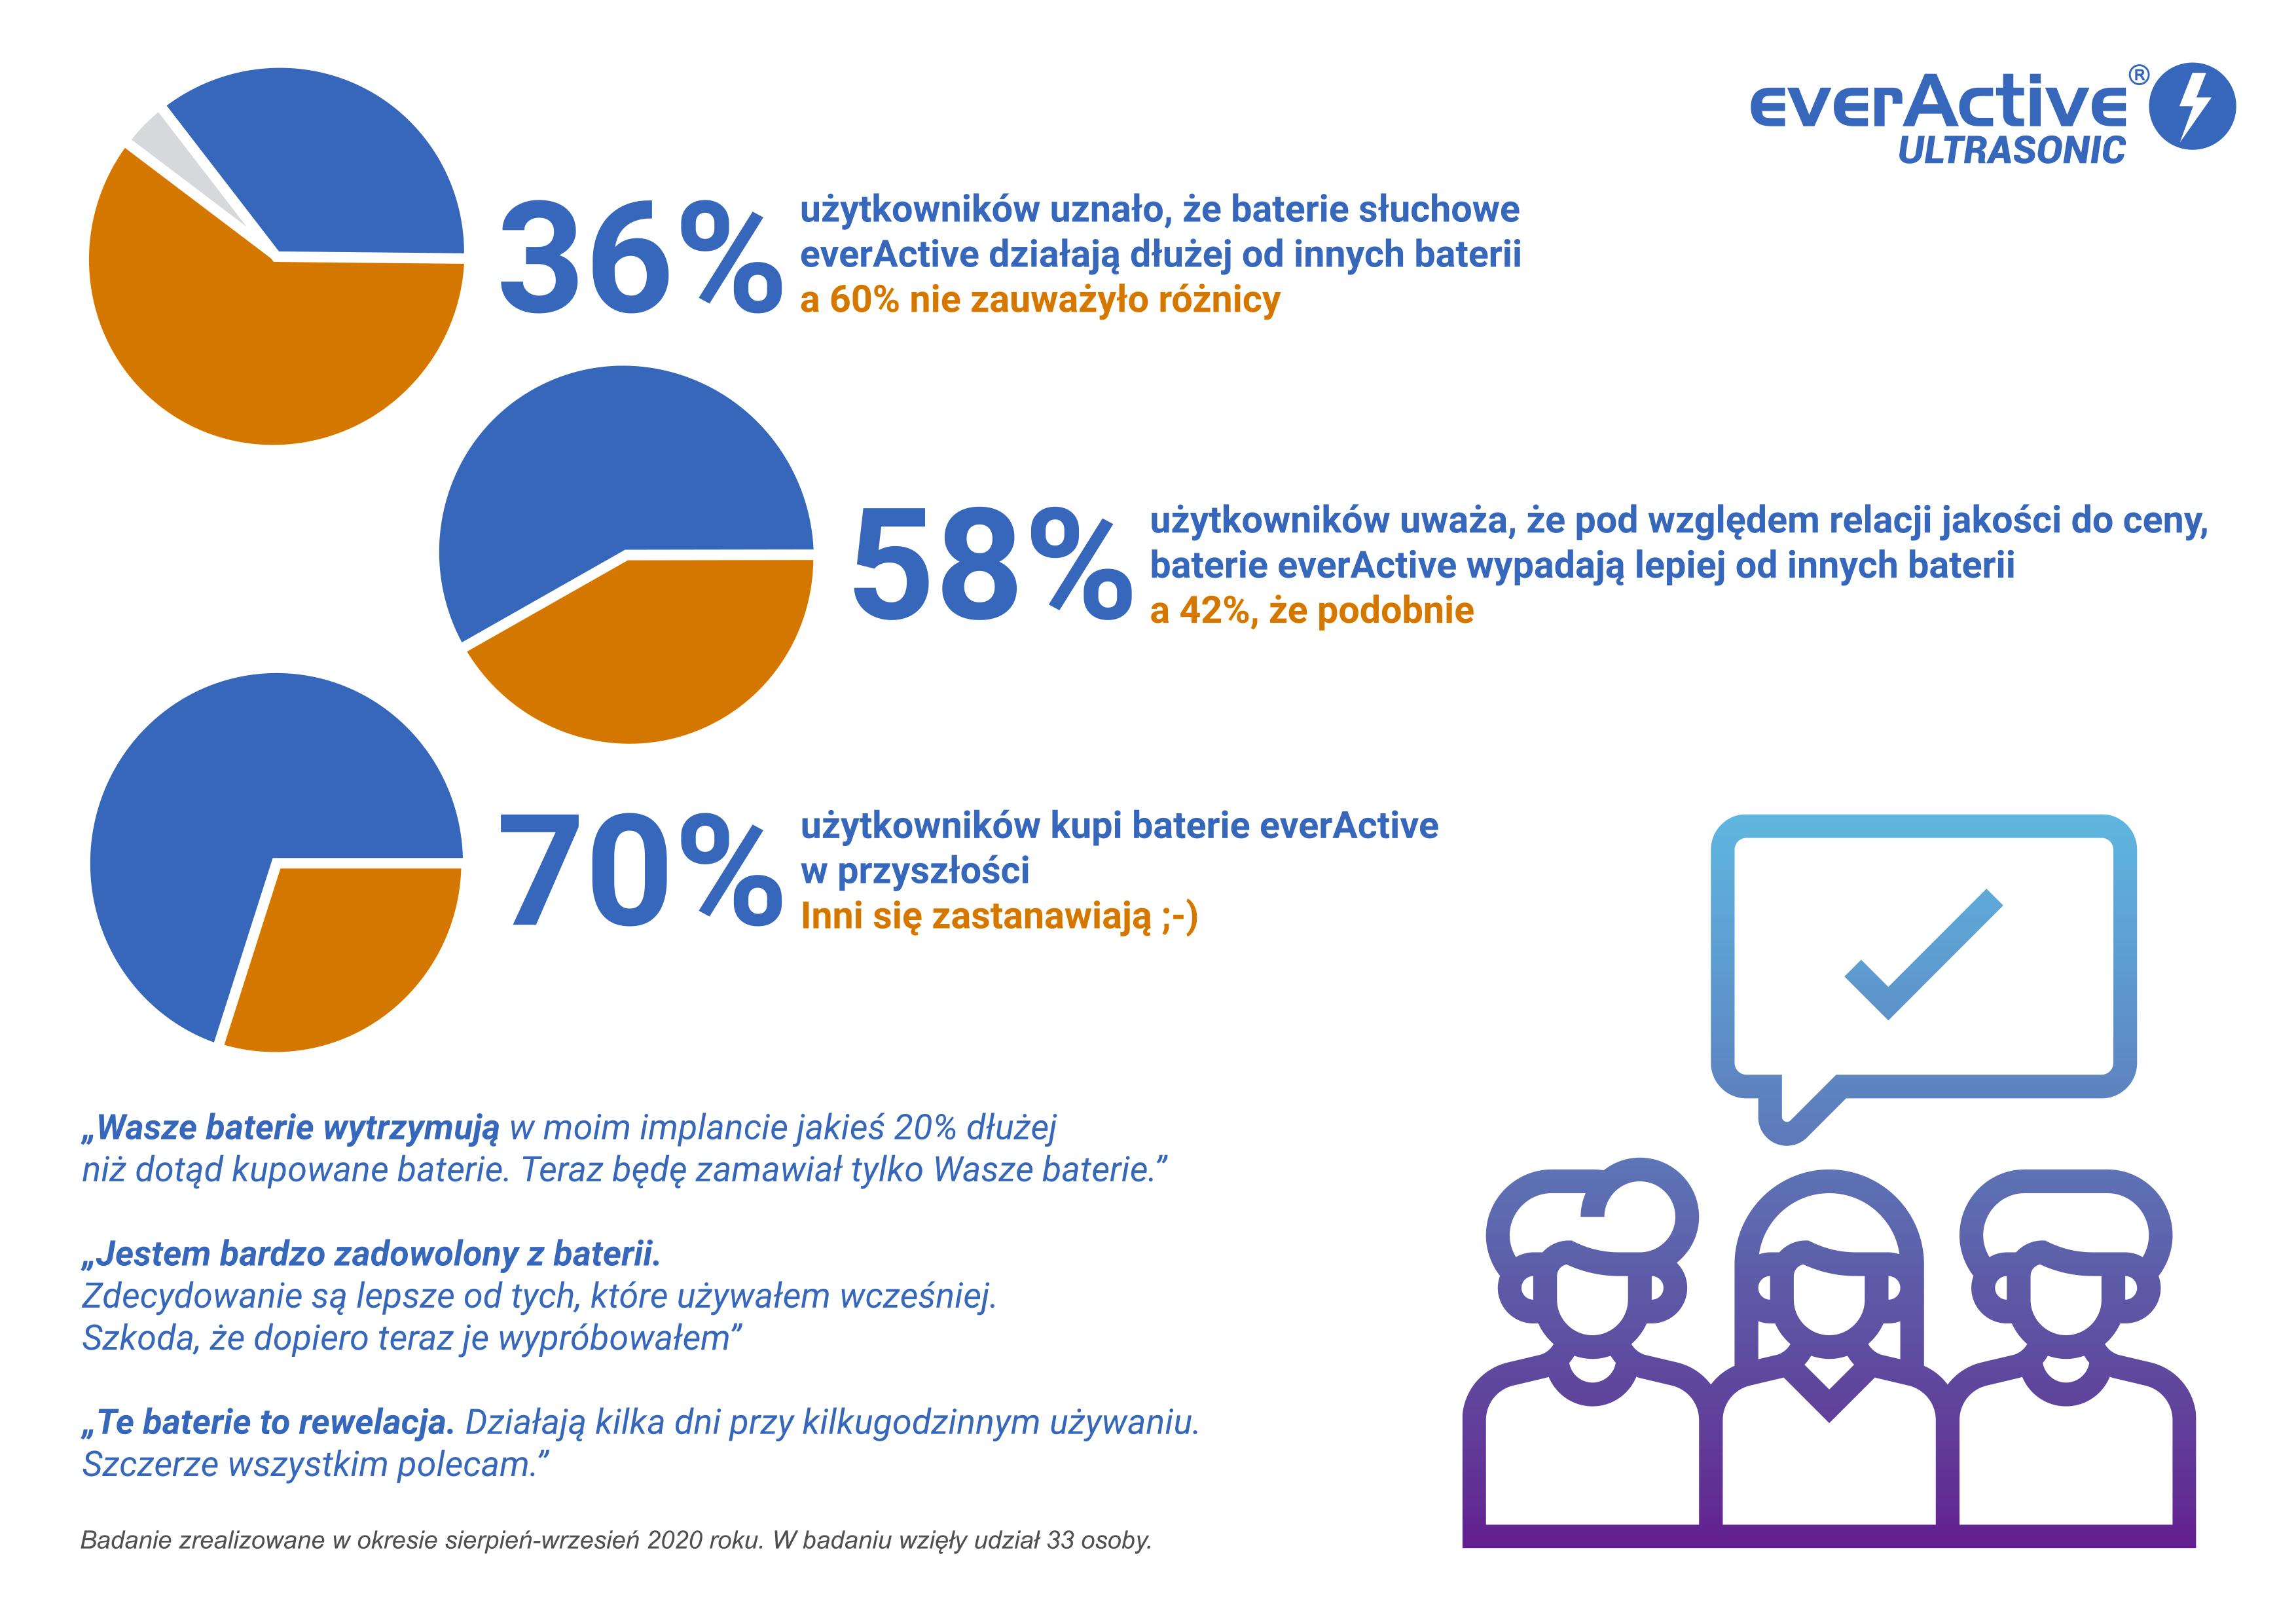 Wyniki ankiety dot. everActive ULTRASONIC